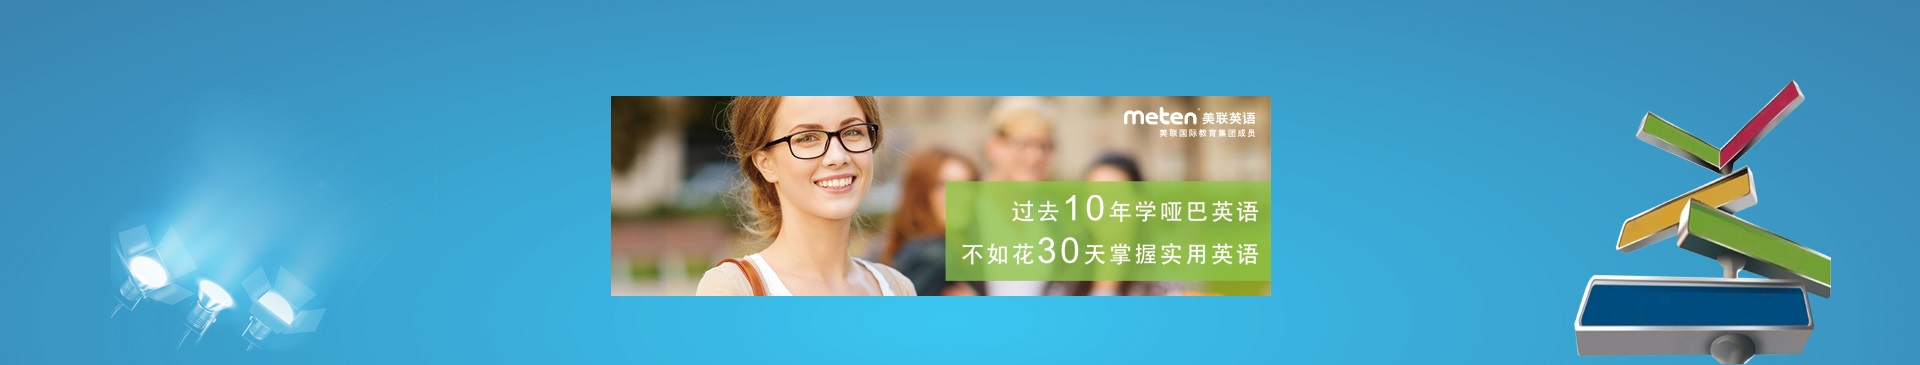 广东深圳天利中央广场美联英语培训